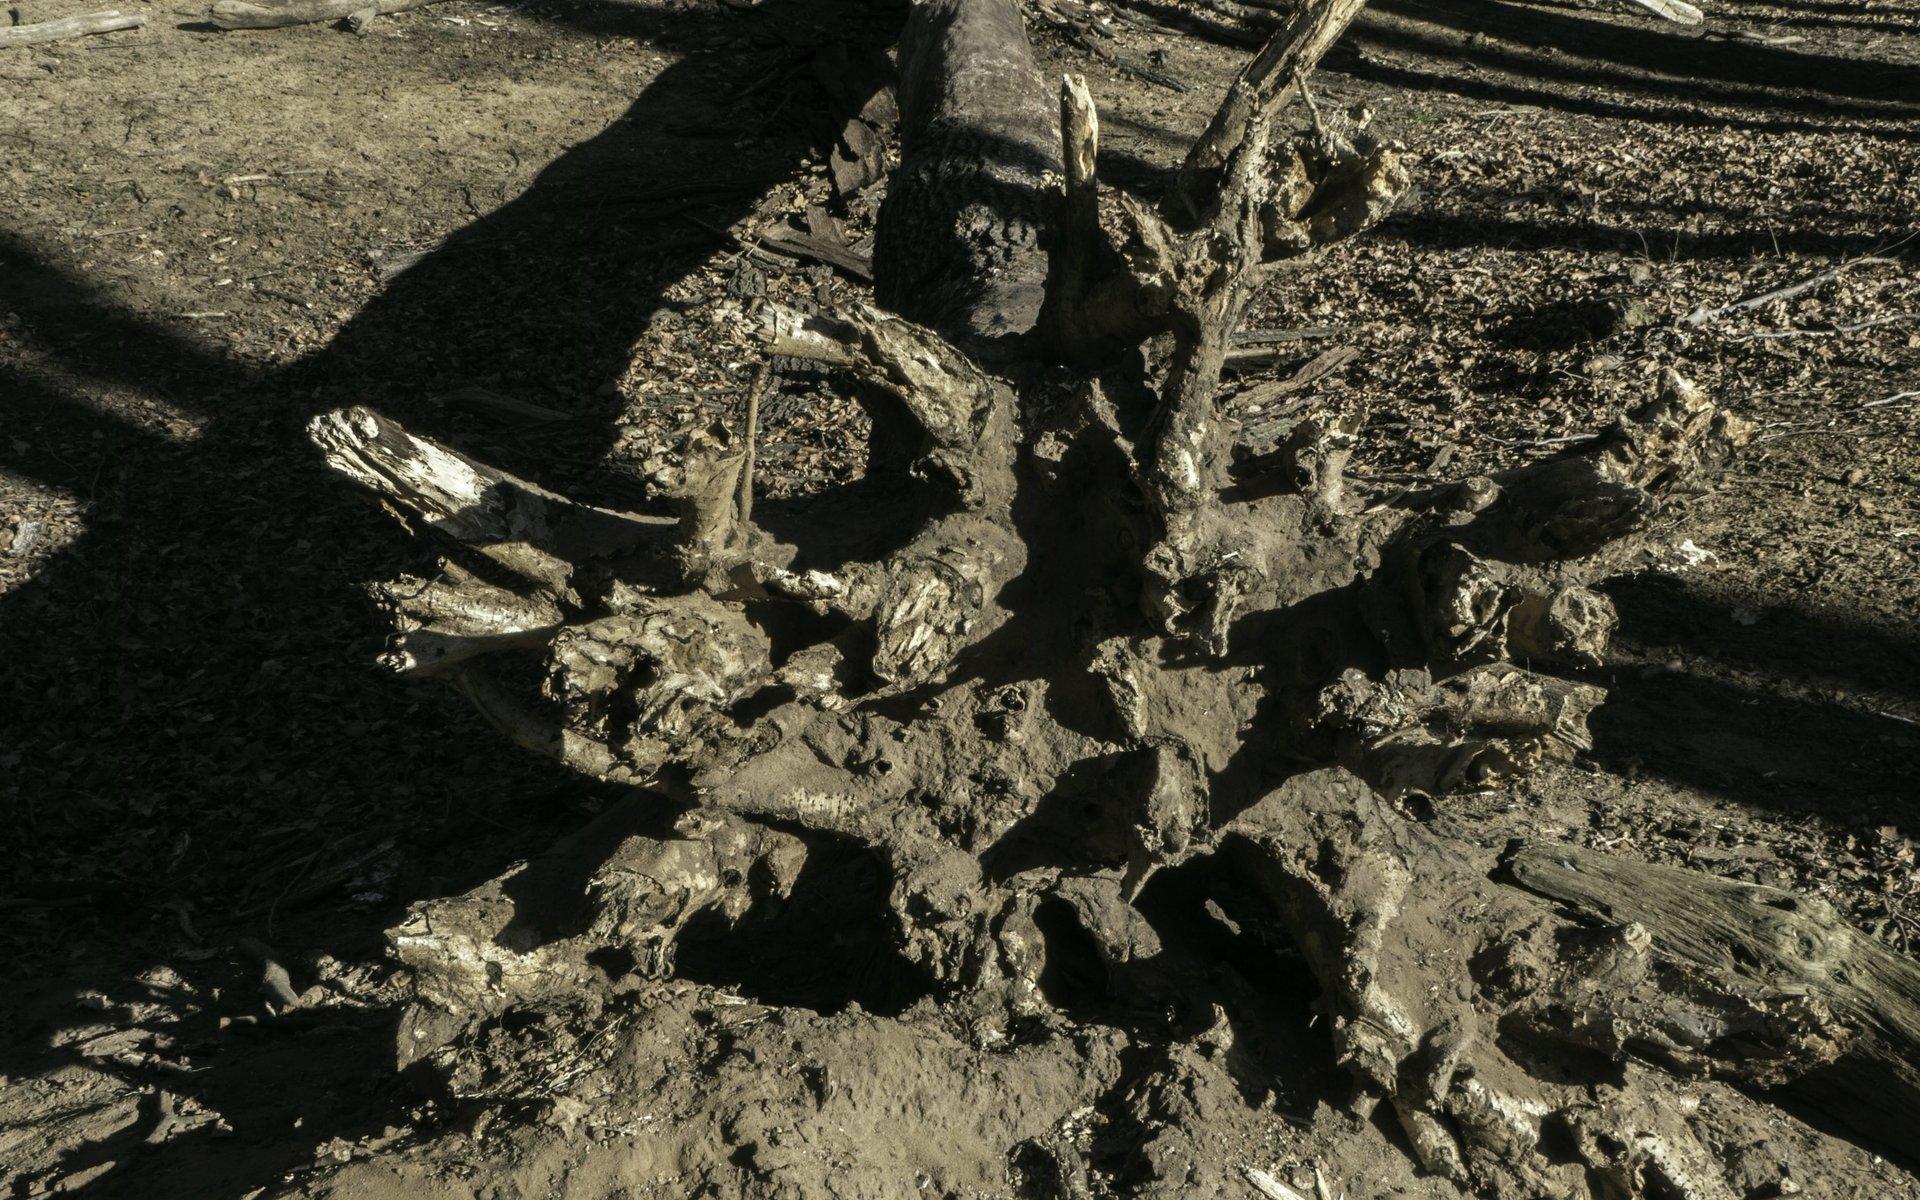 Wurzelballen eines umgefallenen Baums am Inselgraben in der Eilenriede